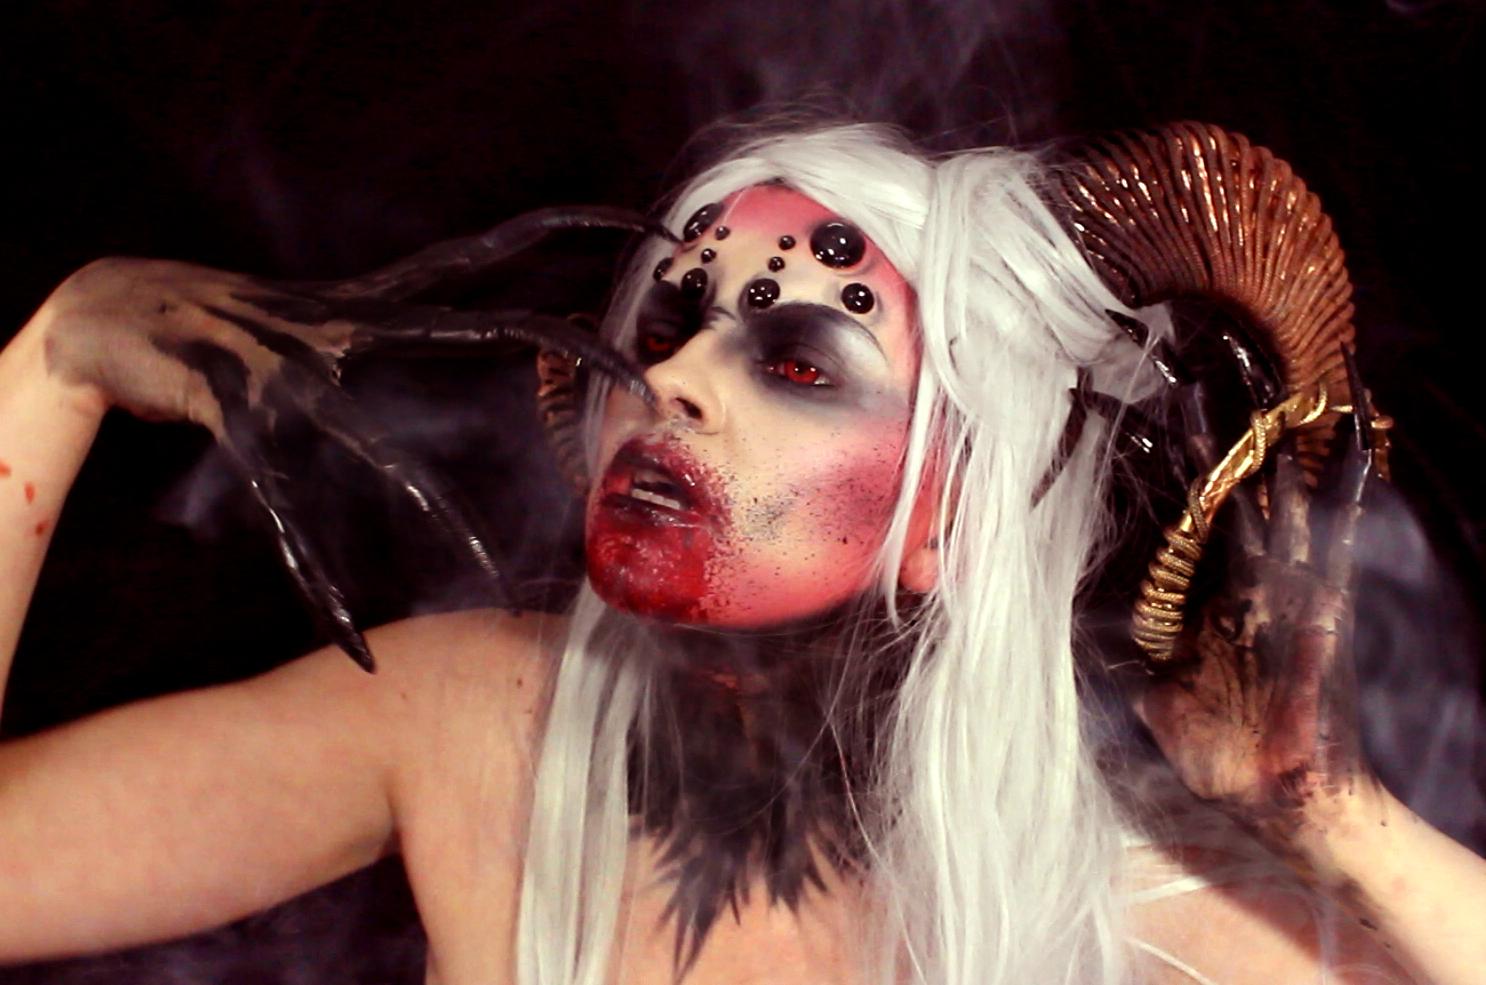 el maquillaje es muy sencillo de hacer lo ms laborioso son los accesorio y montar todas las intros de los vdeos - Maquillaje Demonio